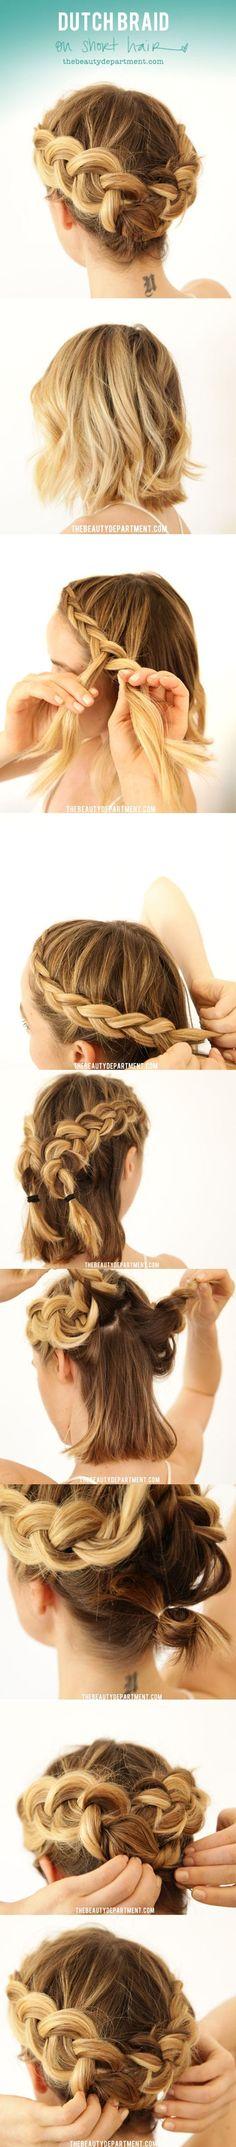 10 tresses parfaites pour les cheveux courts | Glamour